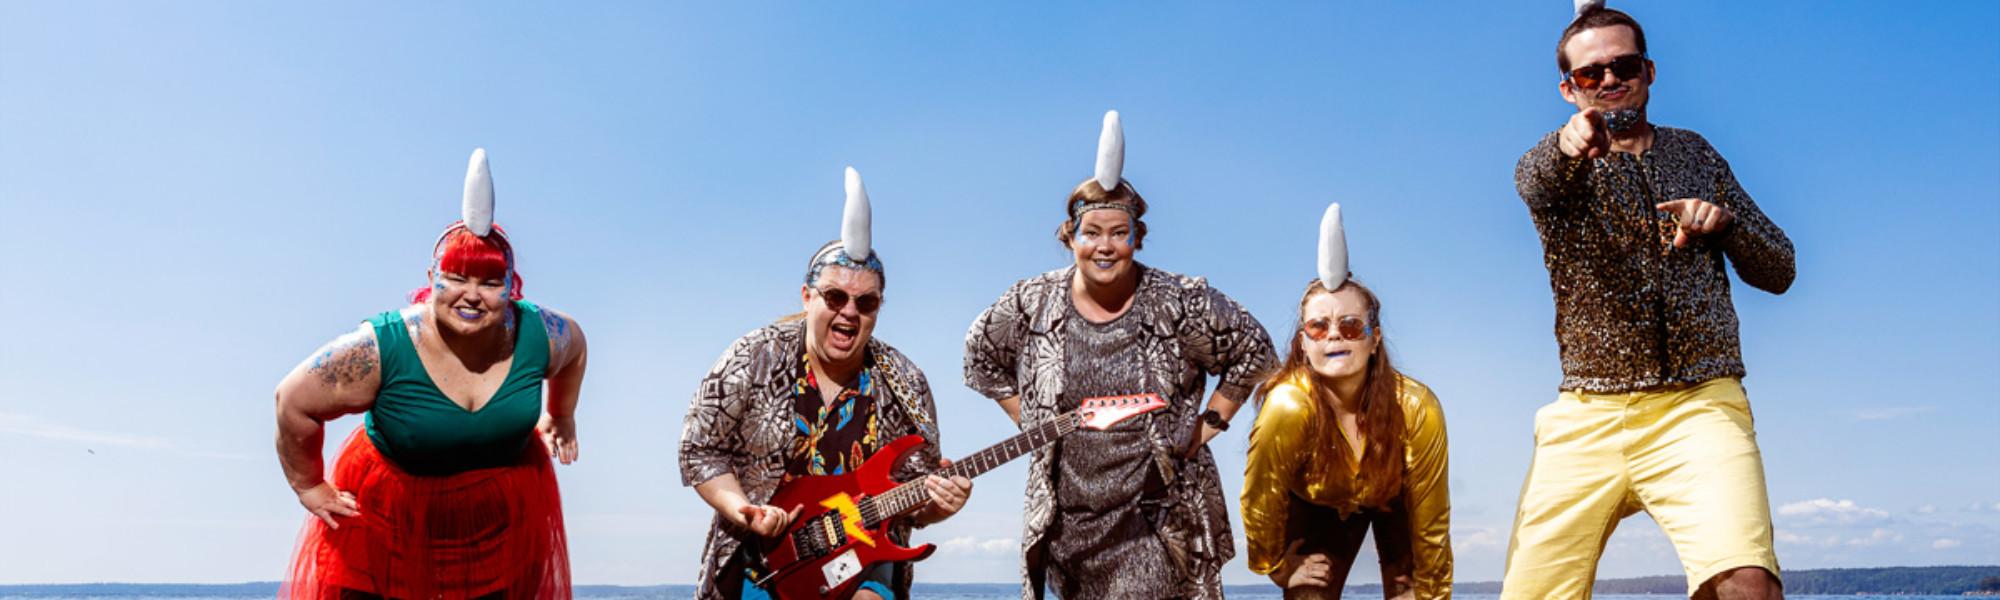 Kuvassa Diskohai yhtyeen viisi jäsentä, joilla päässään leikkihain evä ja he seisovat matalassa vedessä